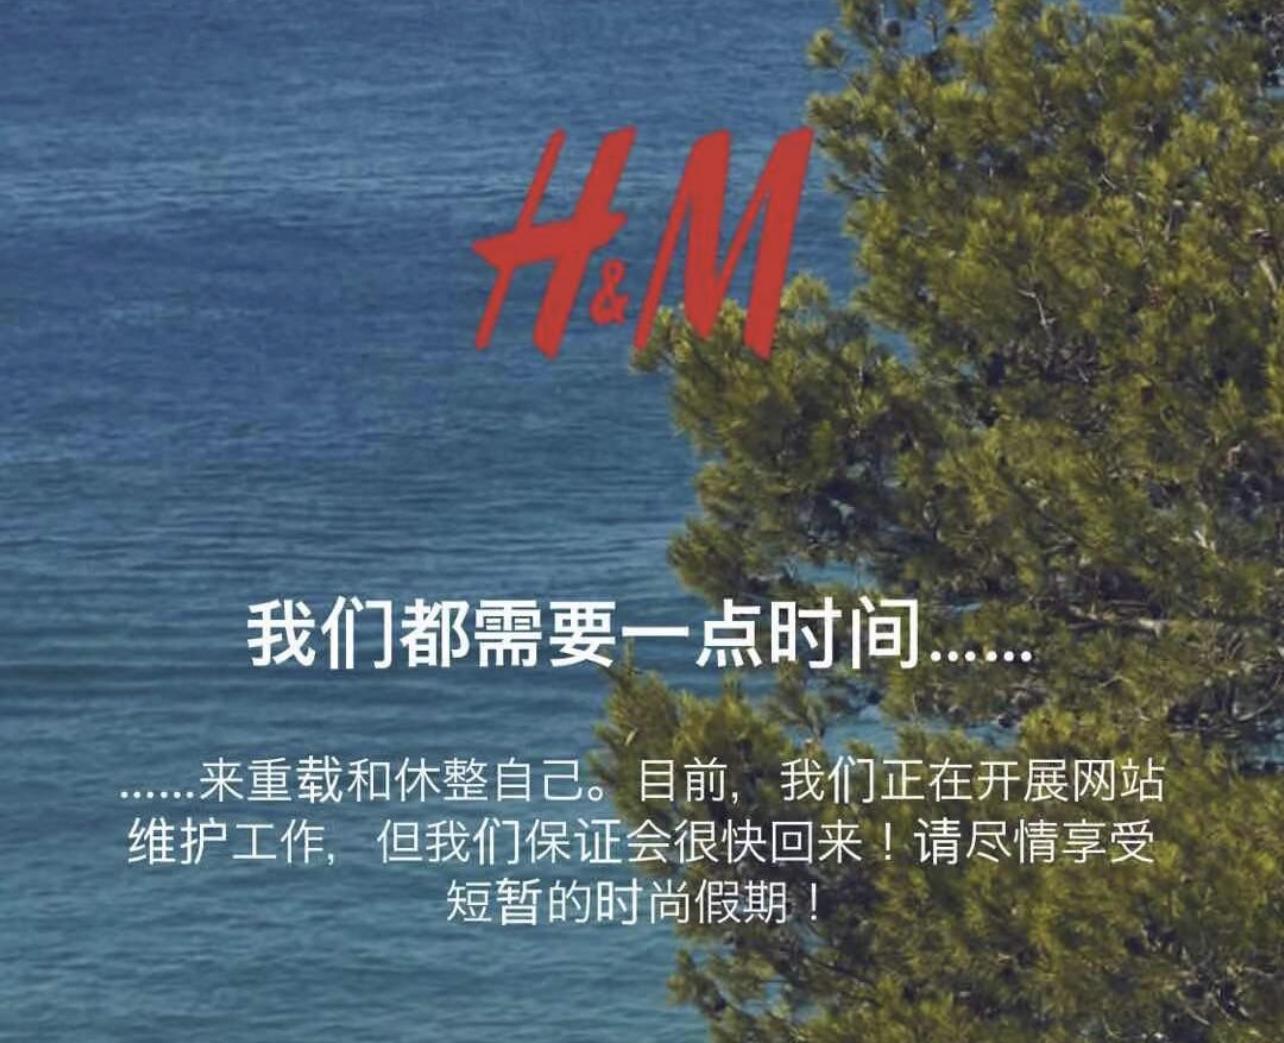 برخی از کاربران در چین هنگام خرید همکاری H&M x سیمون روکا با مشکلات فنی روبرو شدند